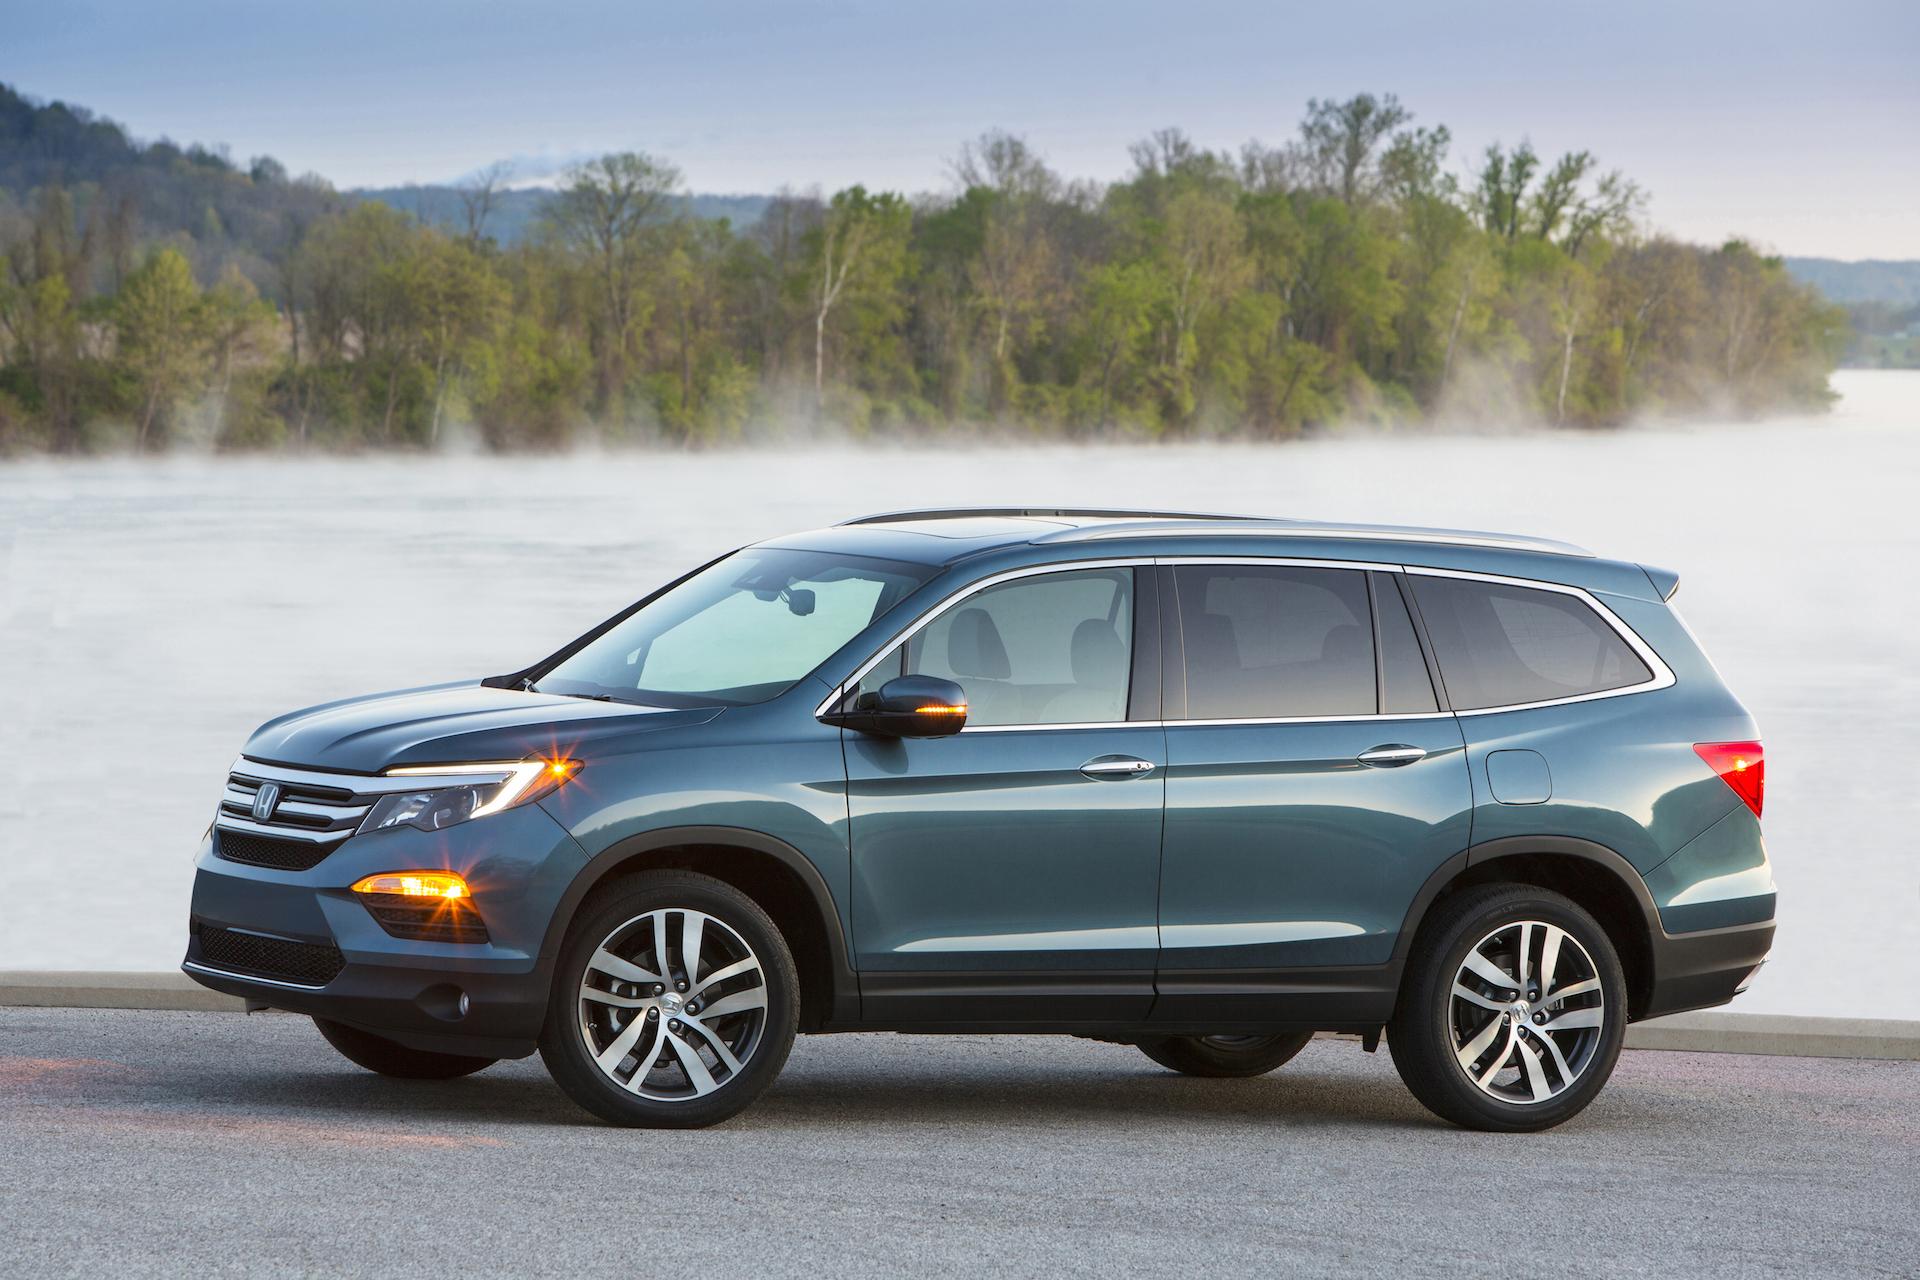 Hyundai Santa Fe Vs. Honda Pilot: Compare Cars